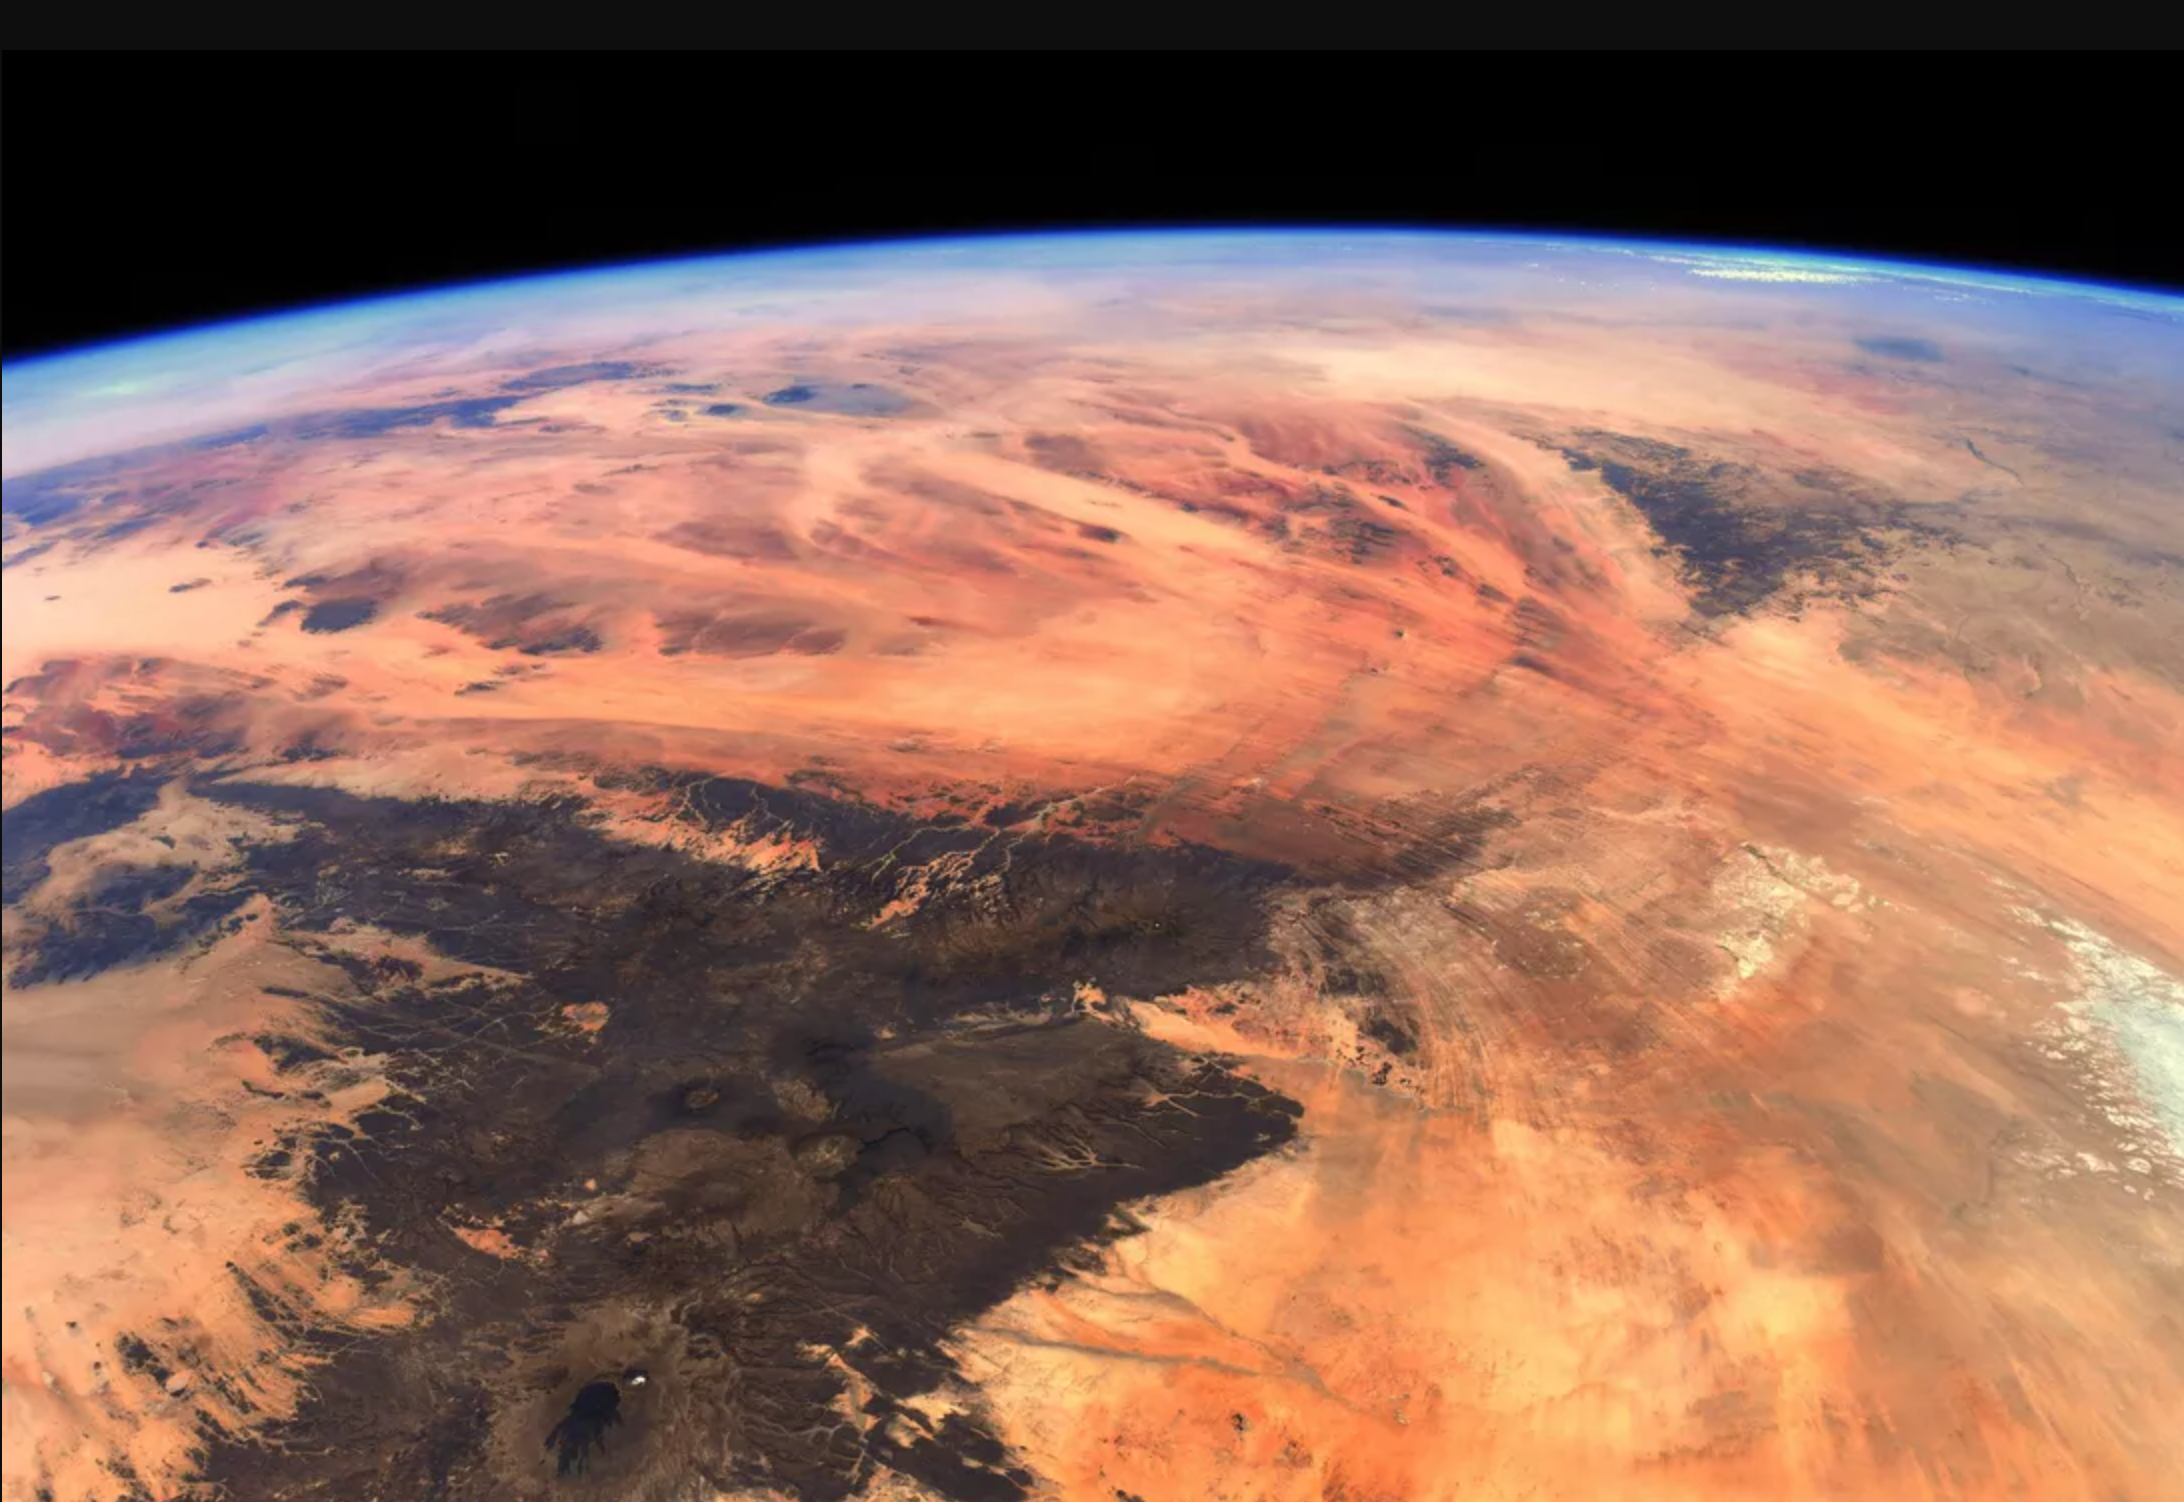 Sốc trước tấm ảnh Trái đất tươi đẹp nhìn chẳng khác gì sao Hỏa cằn cỗi - 1